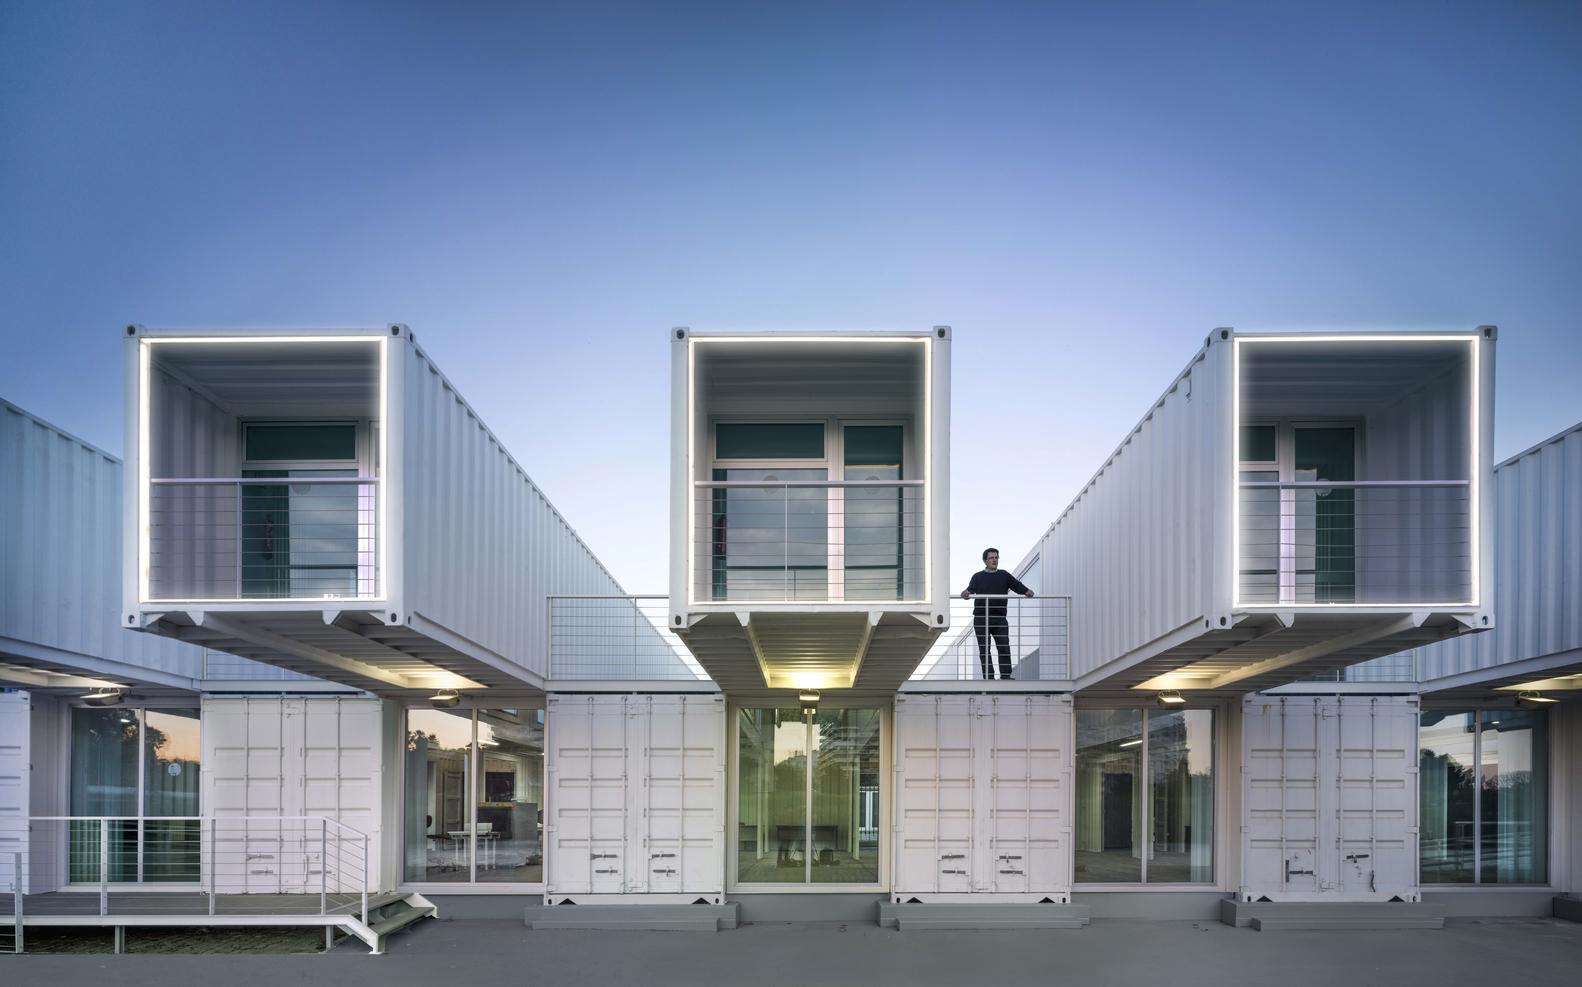 ¿Por qué elegir la construcción modular?,© Jesus Granada